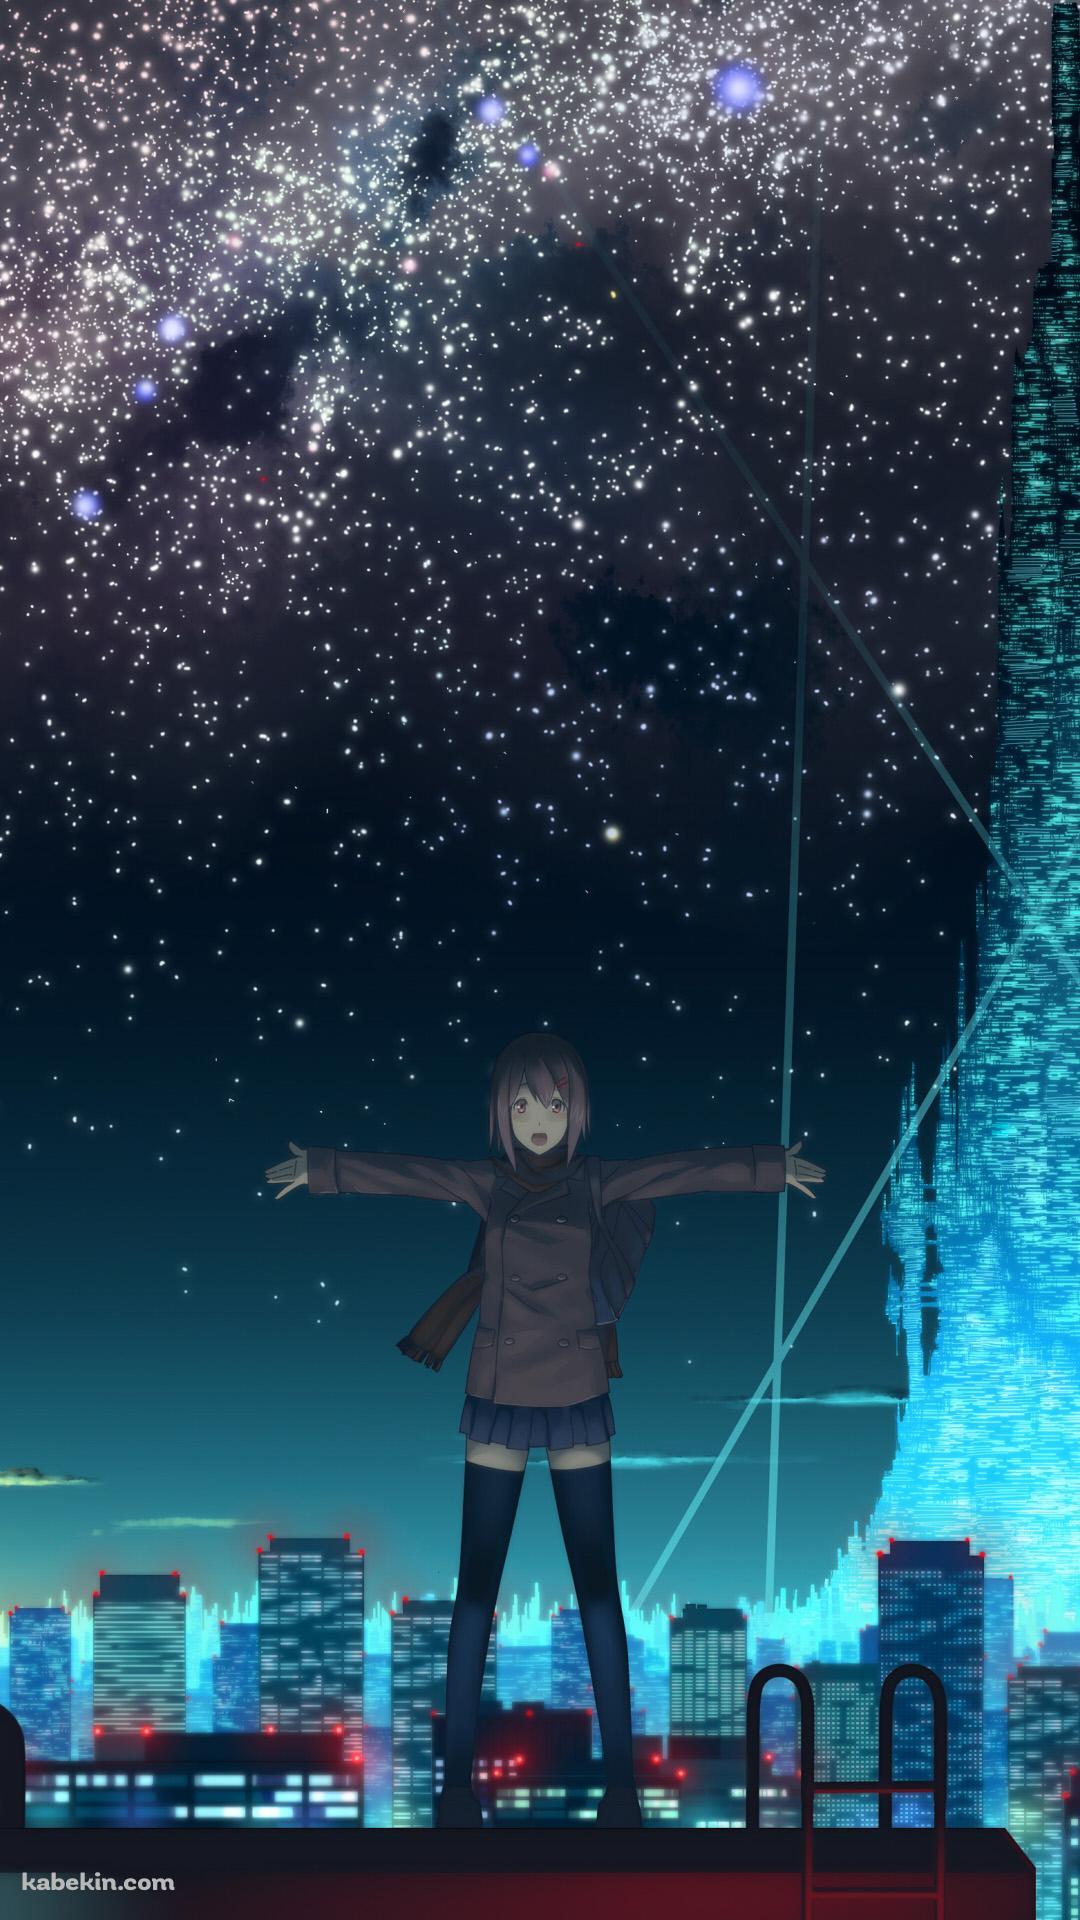 夜景と女子高生のandroid壁紙 1080 X 1920 壁紙キングダム スマホ版